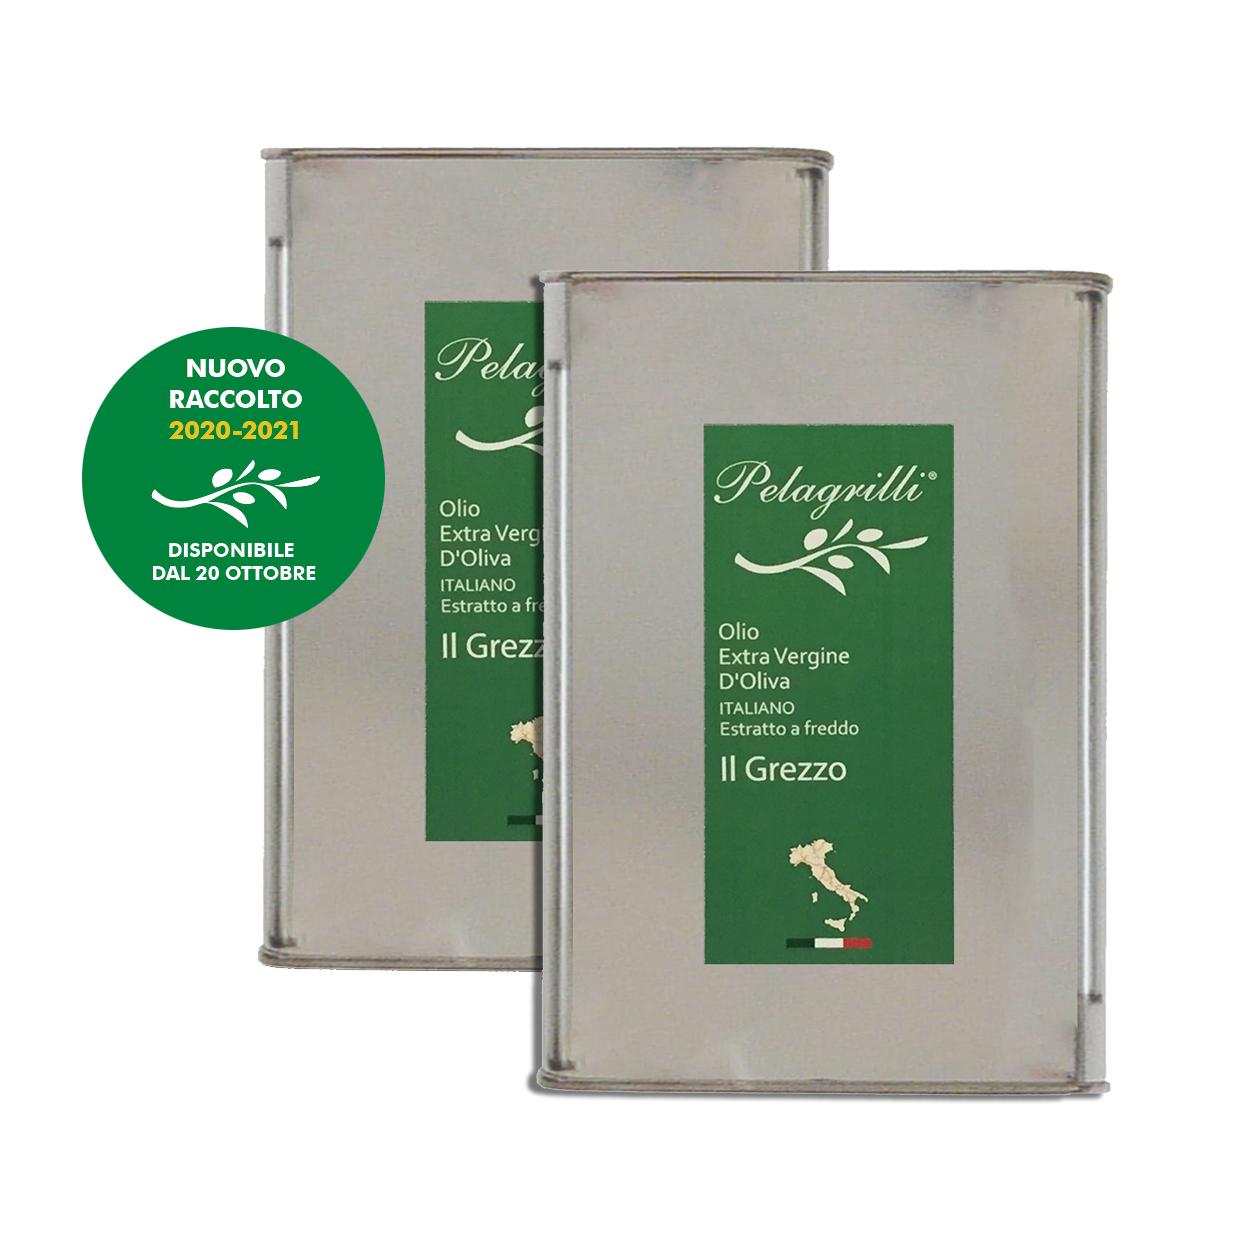 100% ITALIANO - Olio extravergine di oliva - confezione da due lattine da LT 3 ciascuna - Raccolto 2020-2021 - estratto a freddo GREZZO